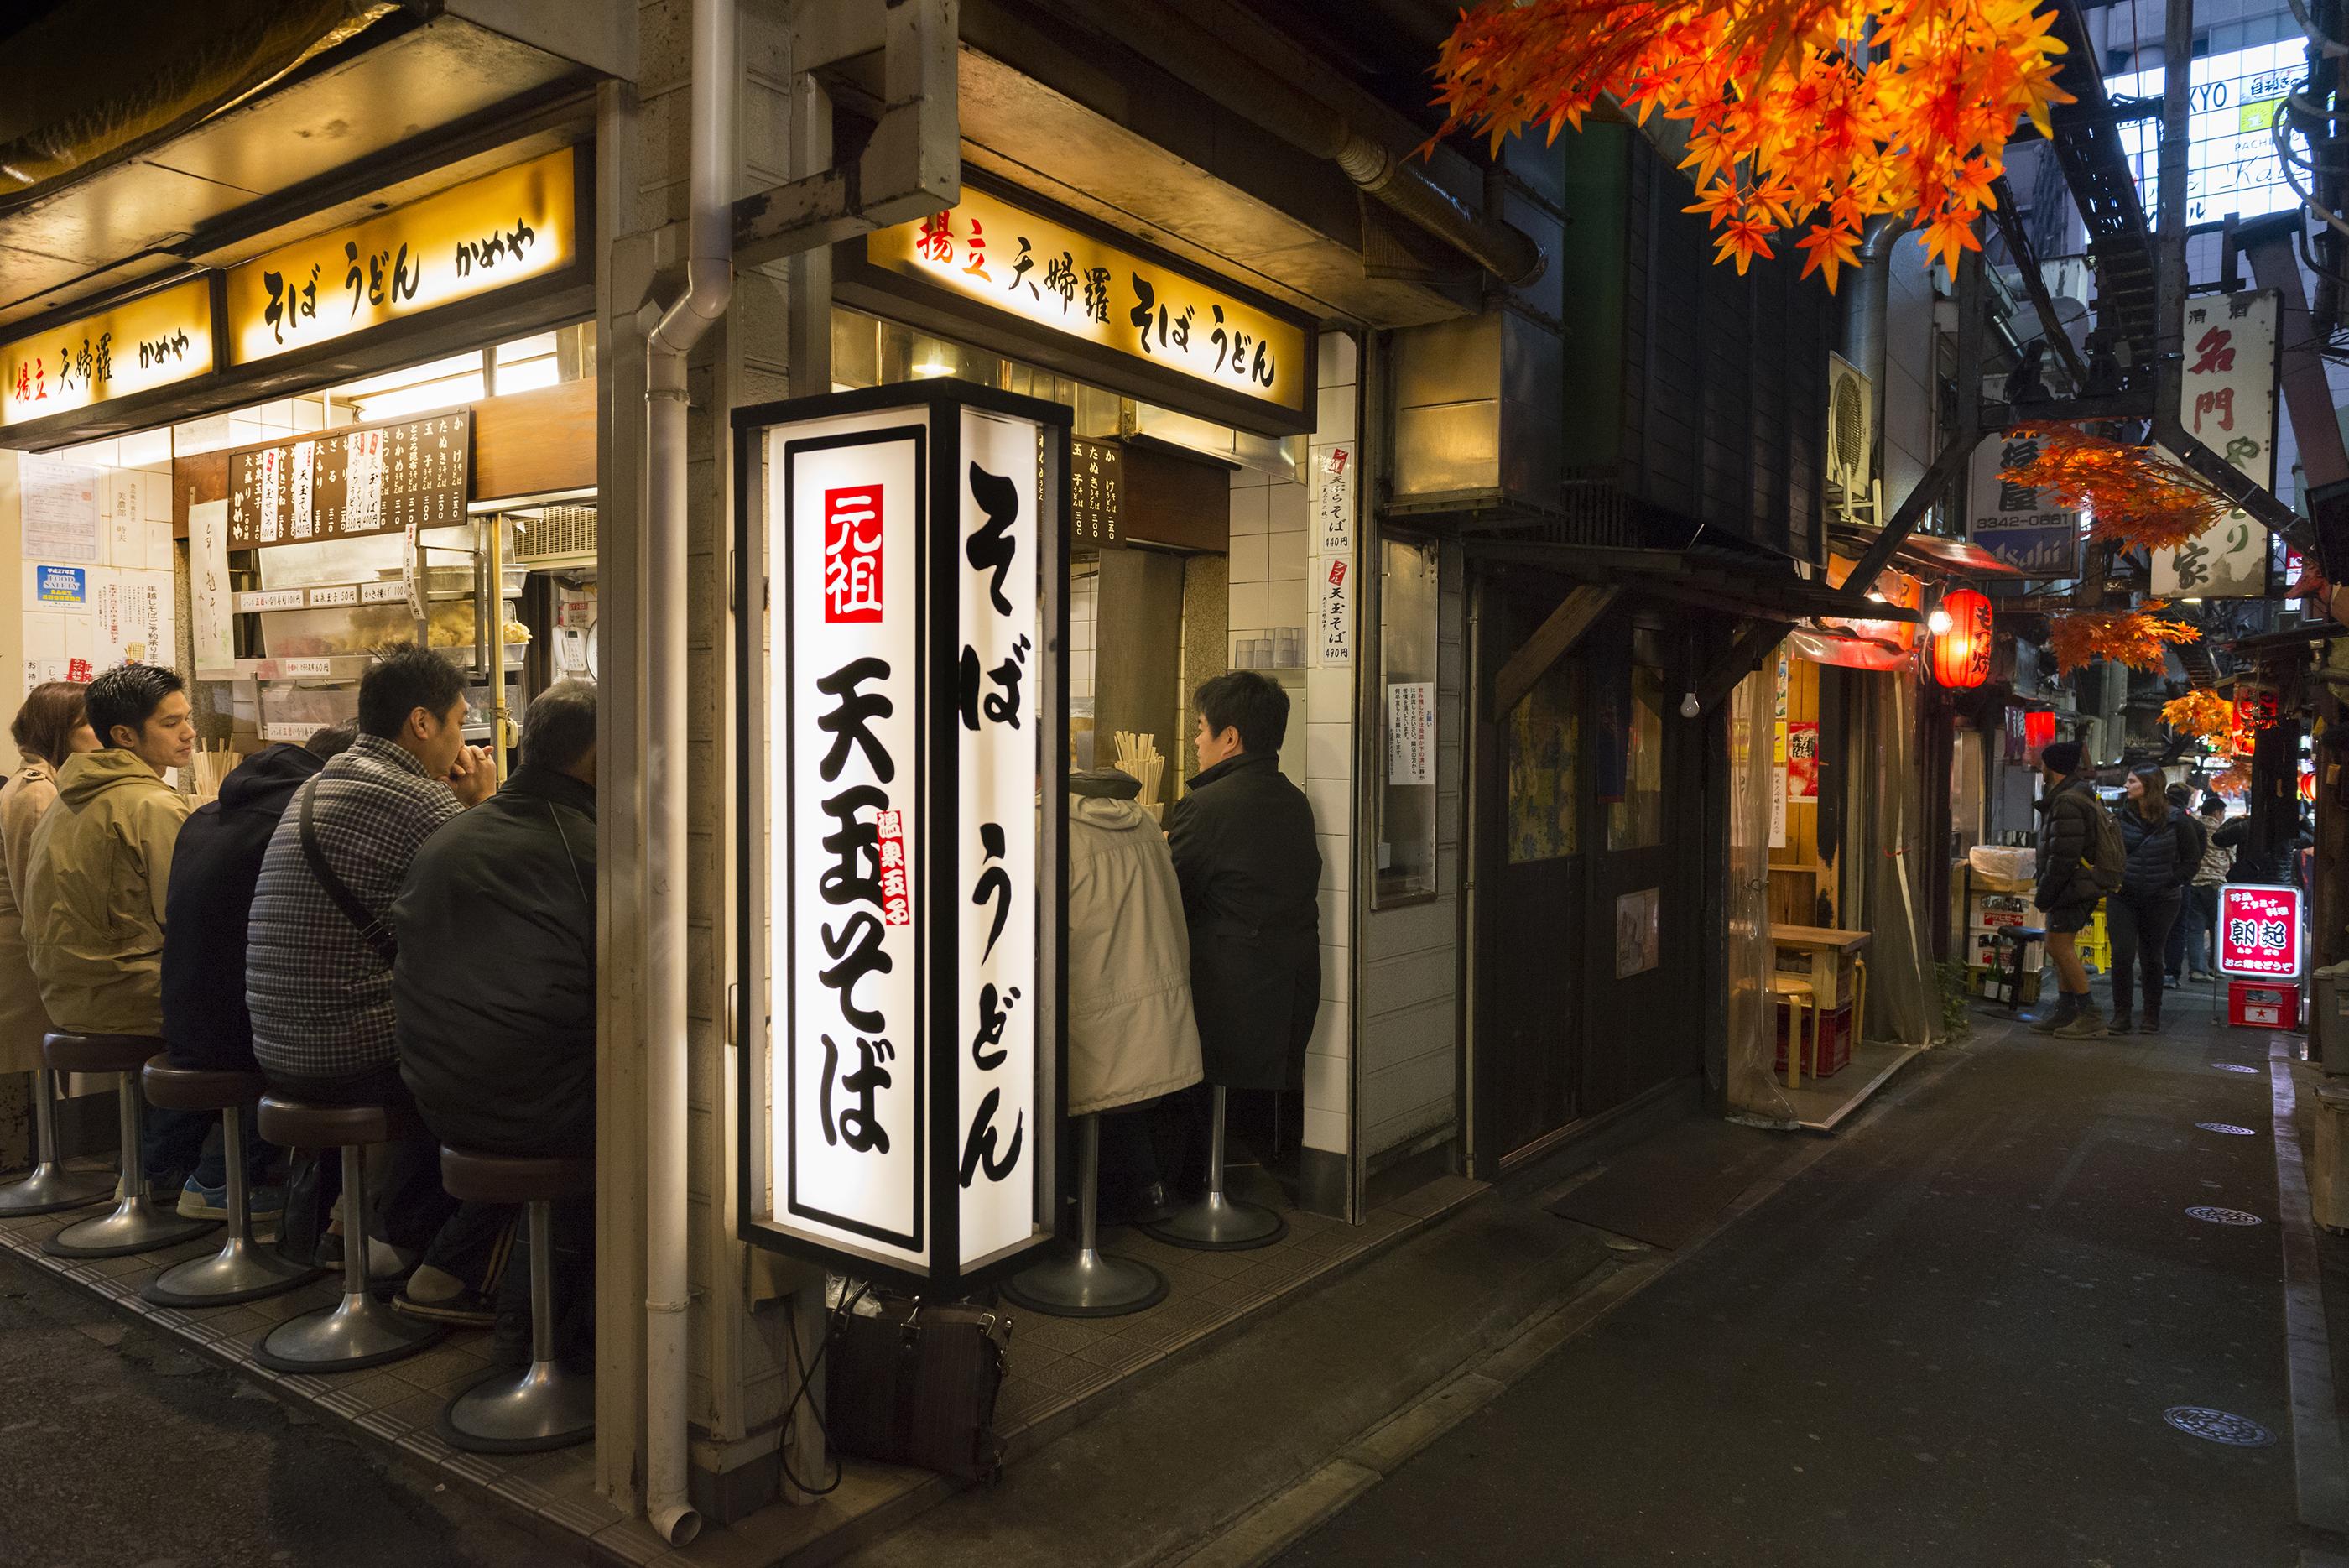 Shinjuku Golden Gai nightlife